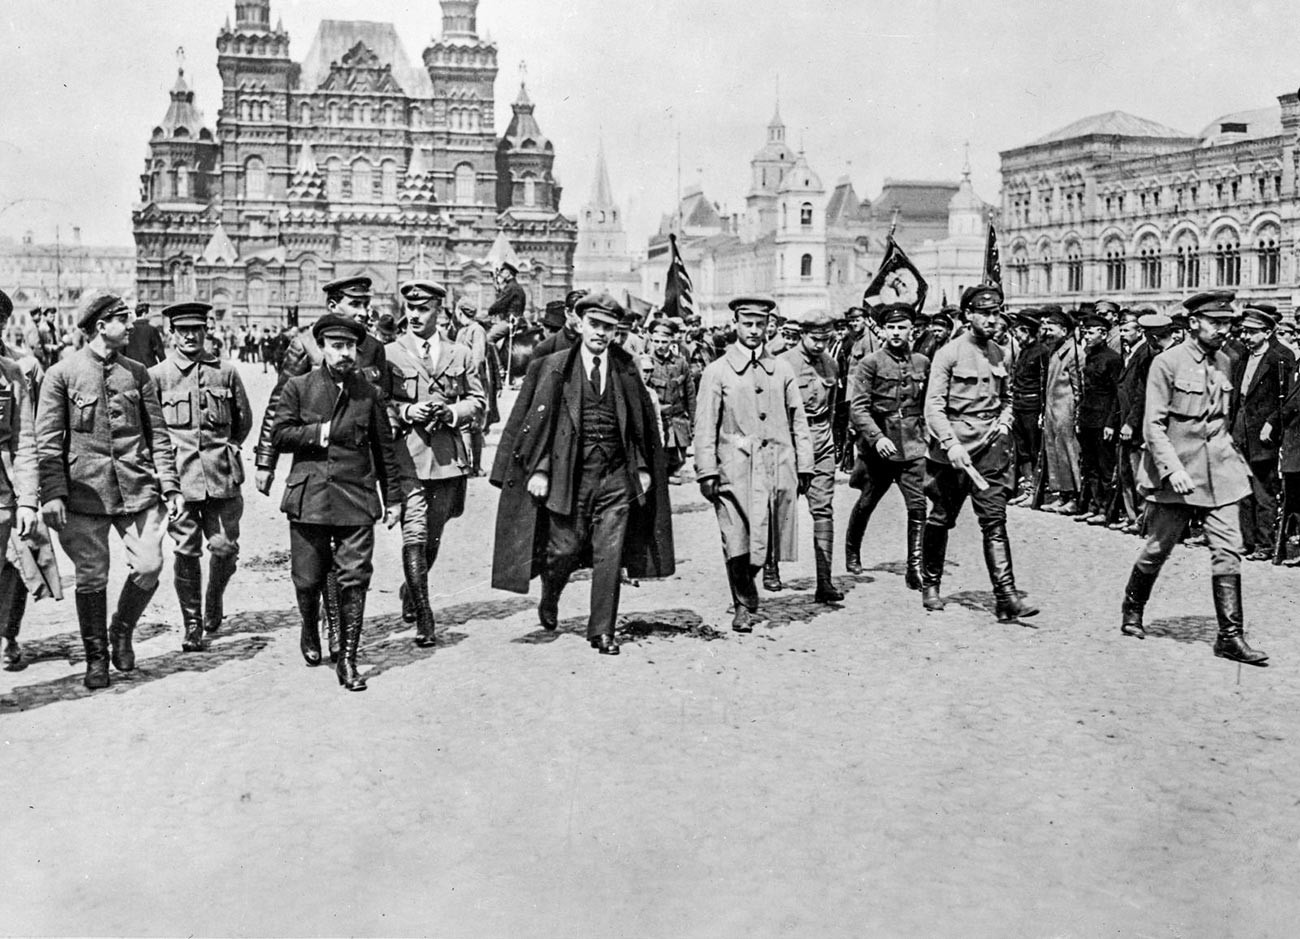 Лидерот на советскиот револуционерен пролетаријат со група болшевички команданти на Црвениот плоштад